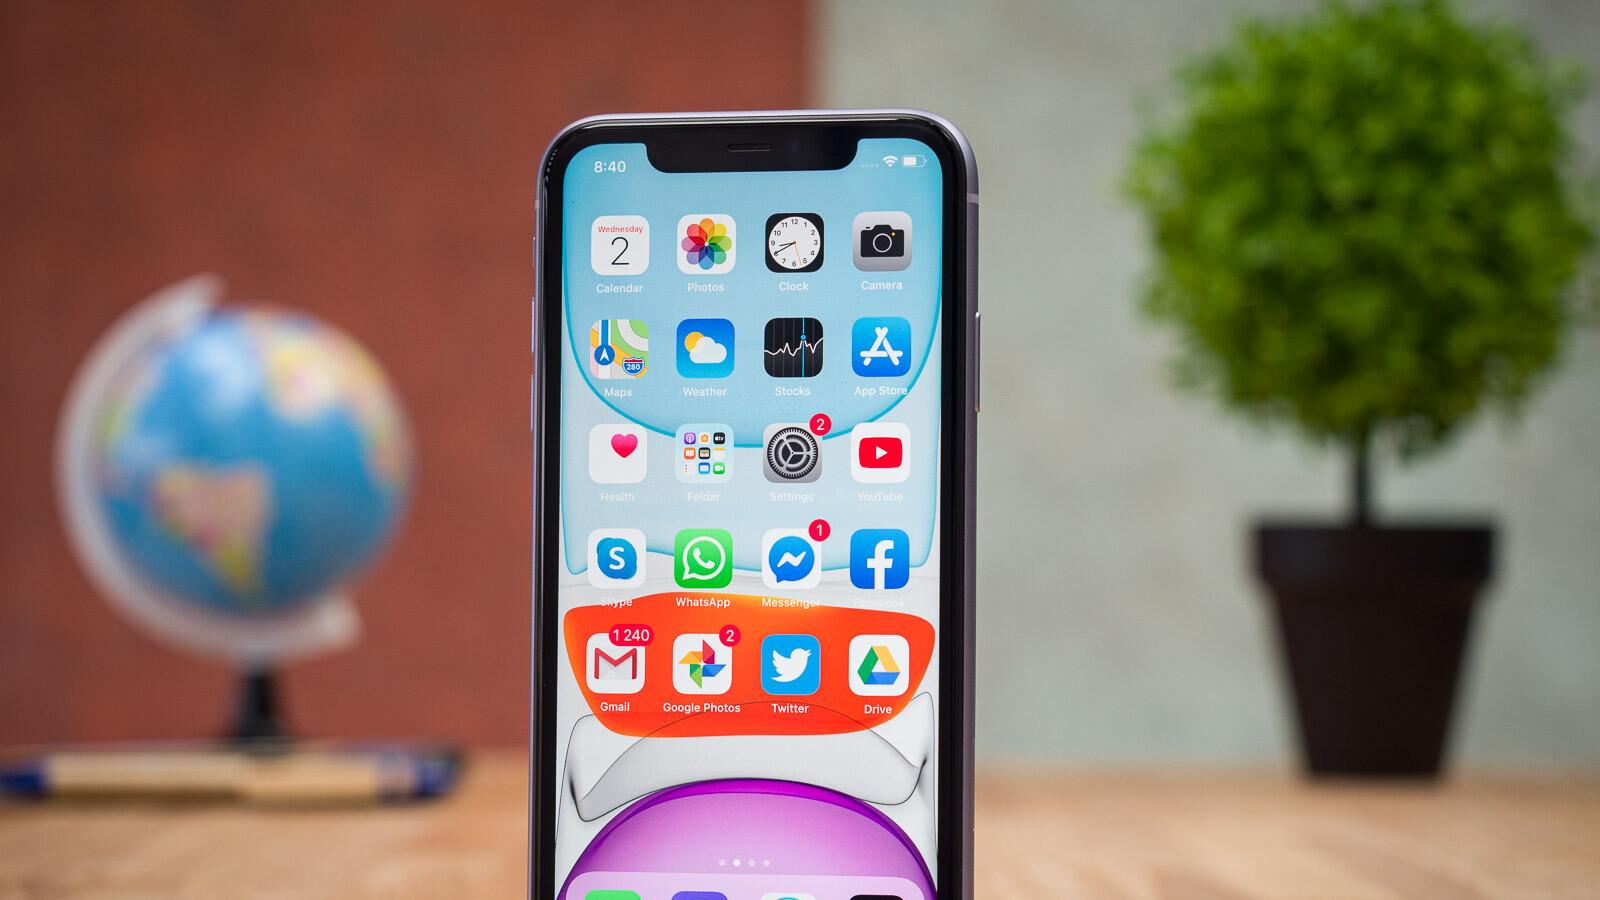 Mua iPhone 11 từ Virgin và nhận AirPods cho 4 GBP / tháng 1